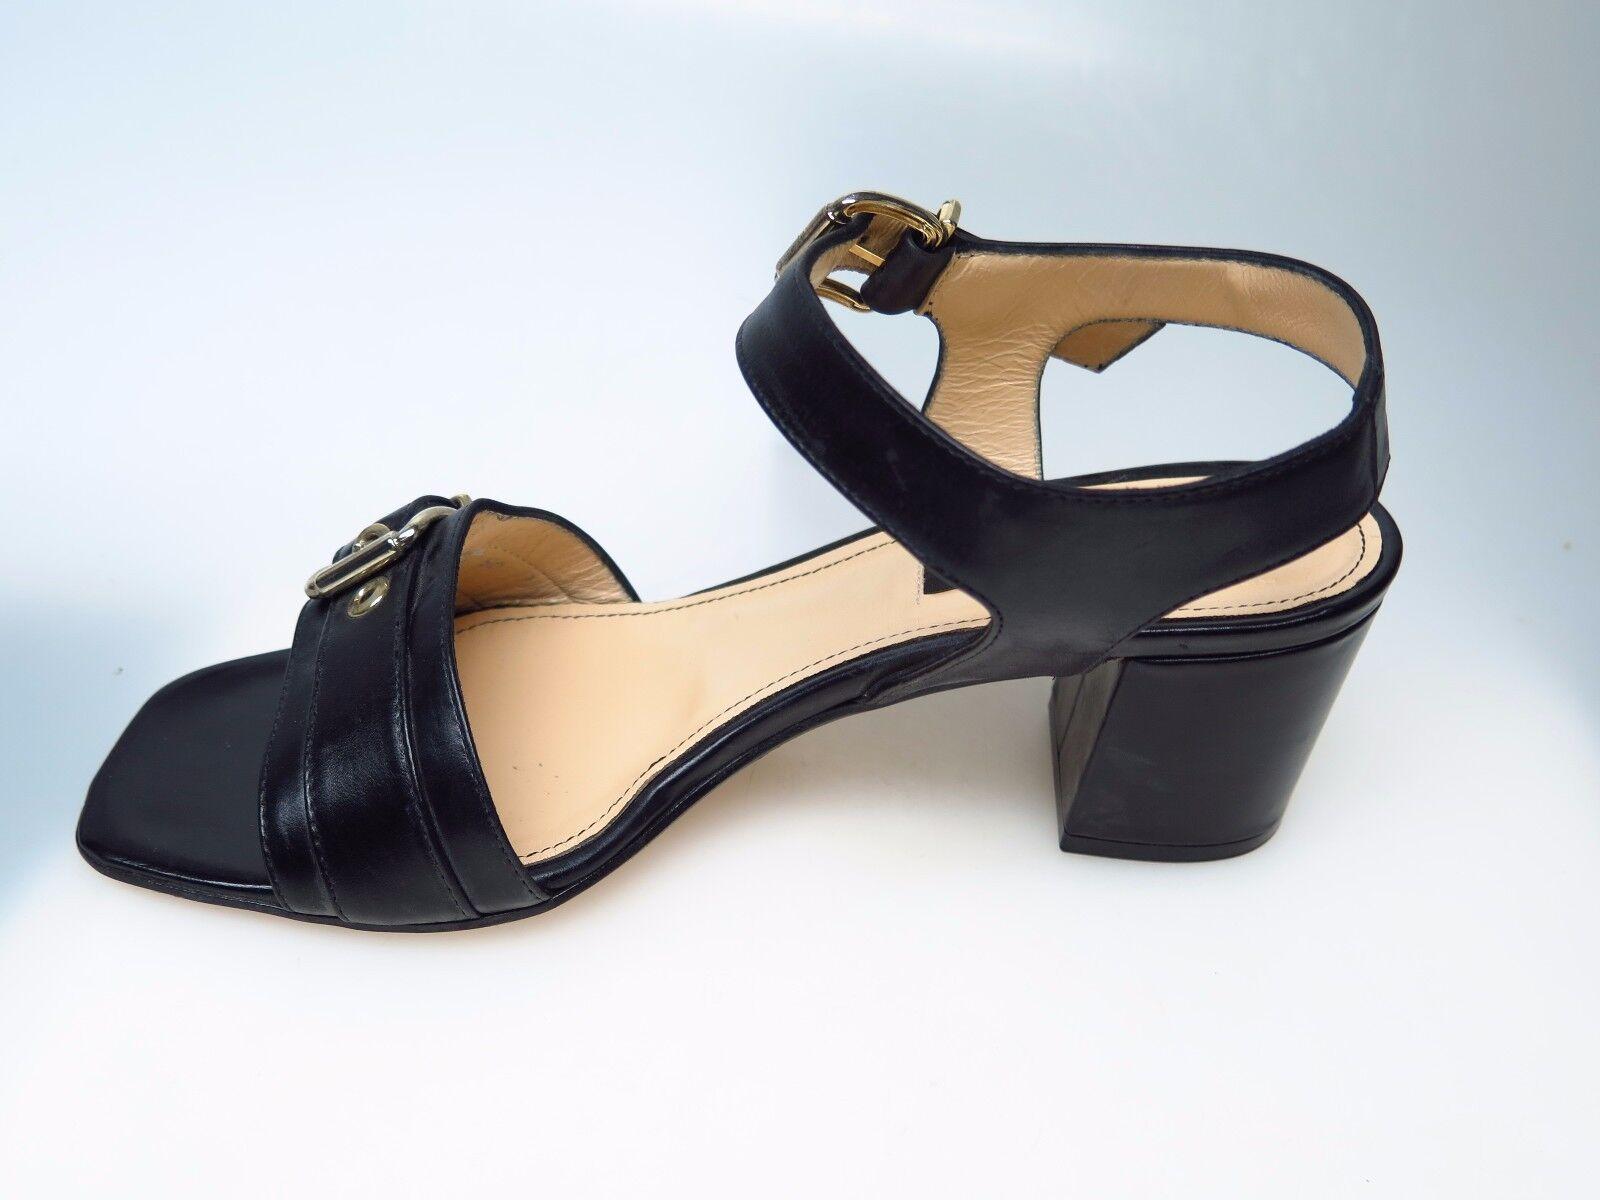 ALBERTO ZAGO Designer Damenschuhe Schuhe 319 EU Vitello Nero Sara Gr. EU 319 38 NEU 9674e5